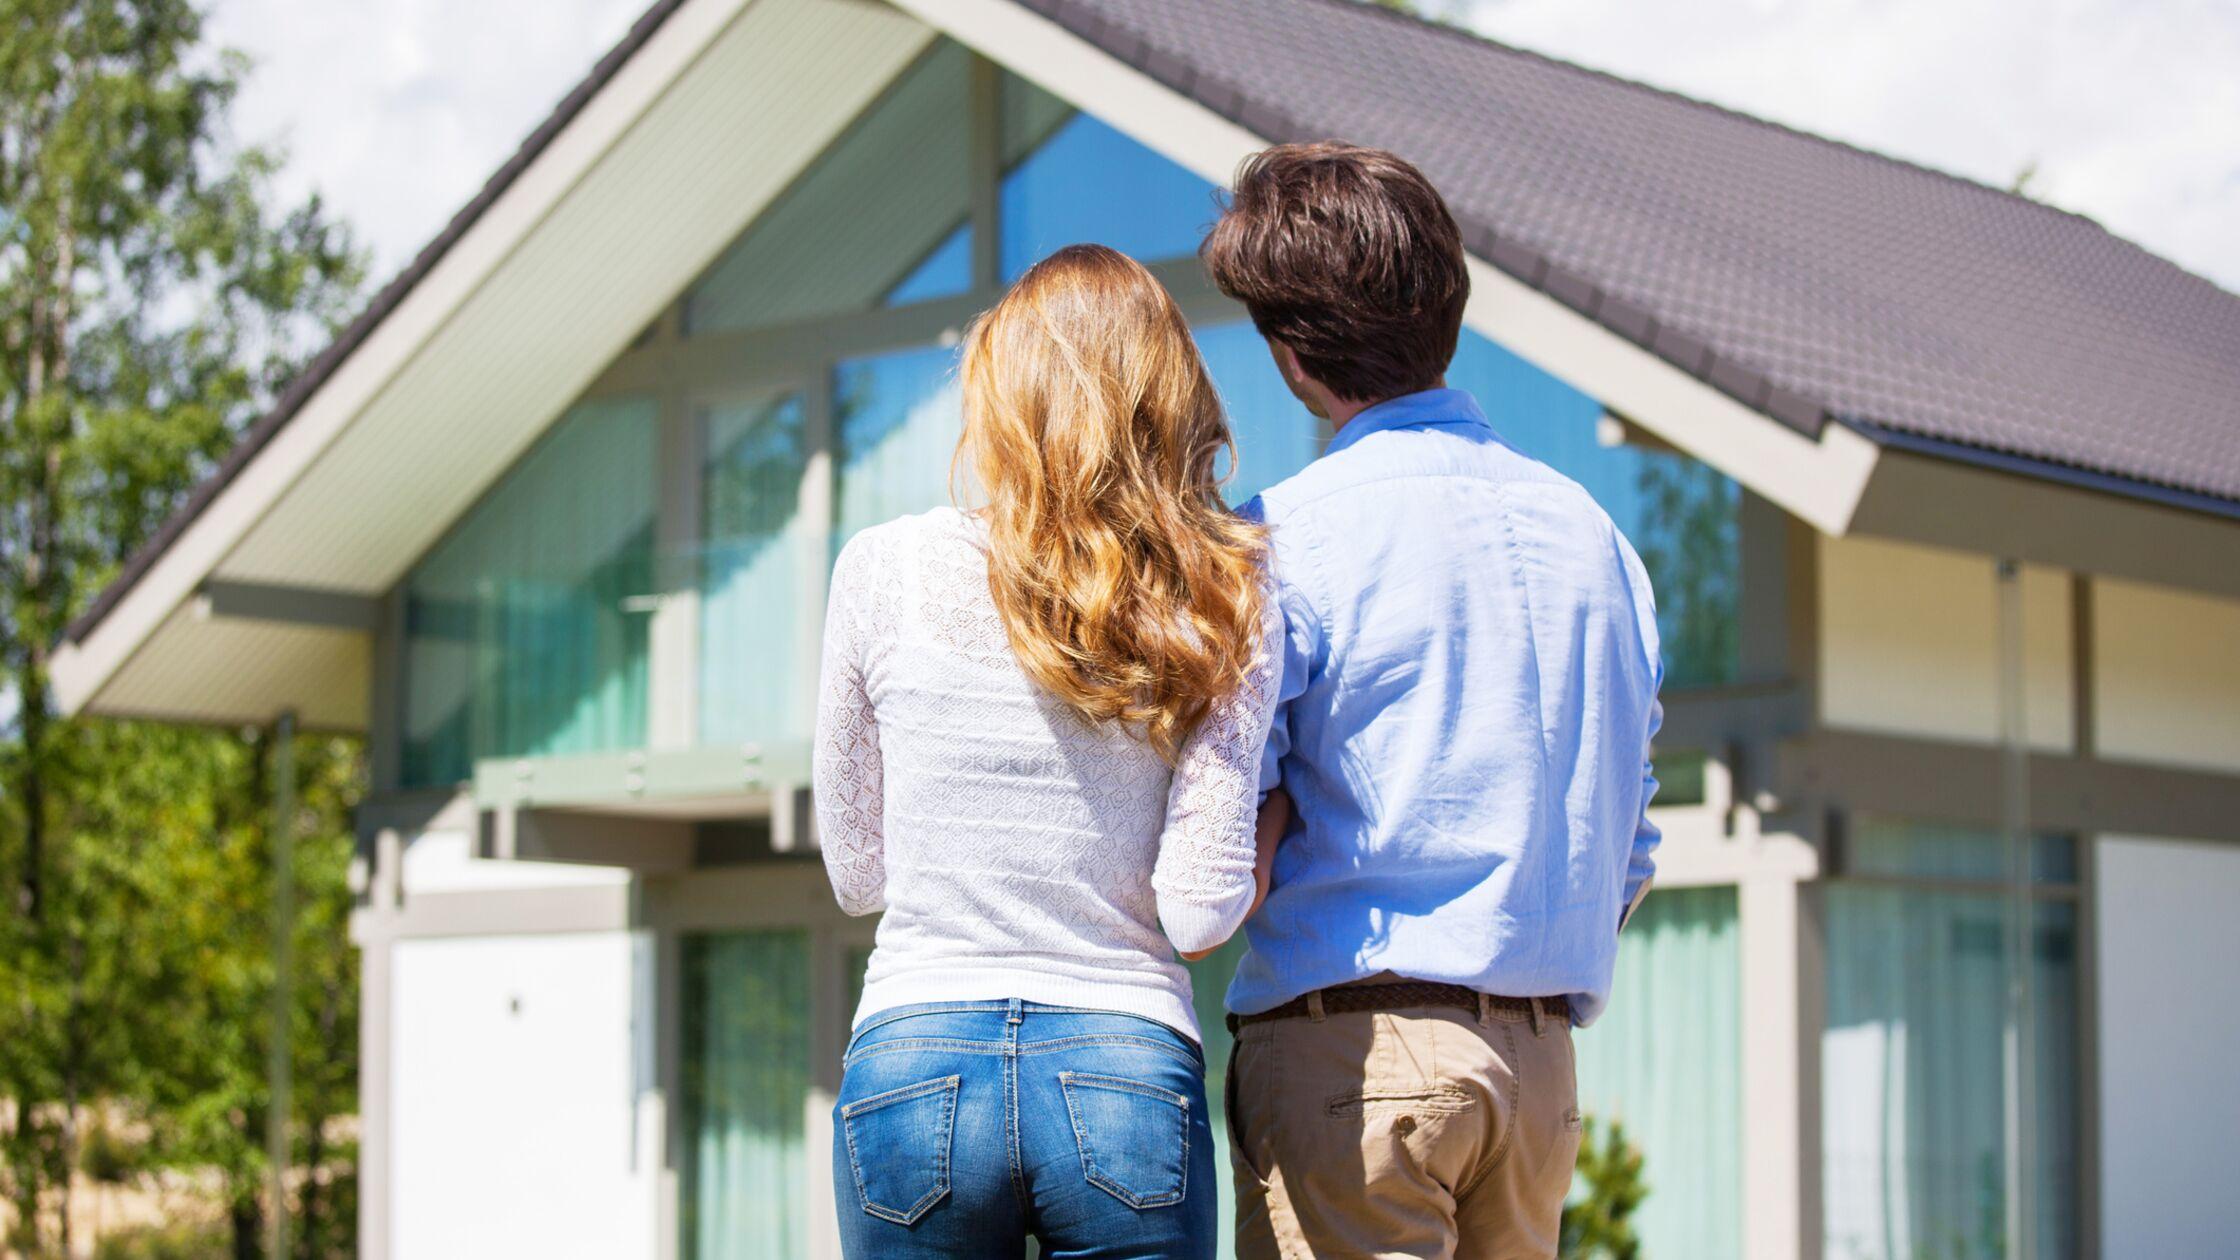 Haus kaufen oder mieten: Was ist das Richtige für mich?